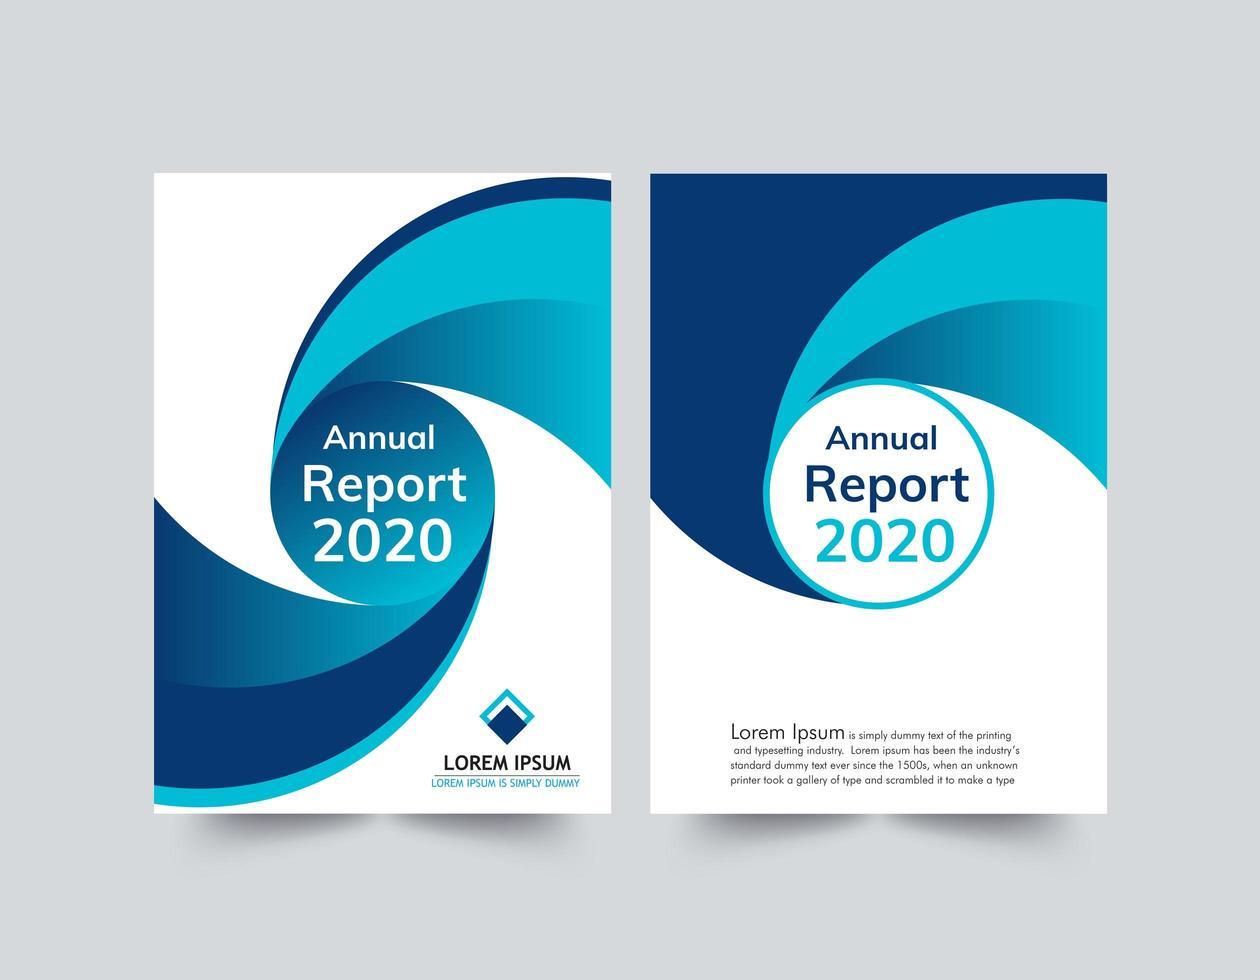 årsrapport blå och vit vågmall vektor